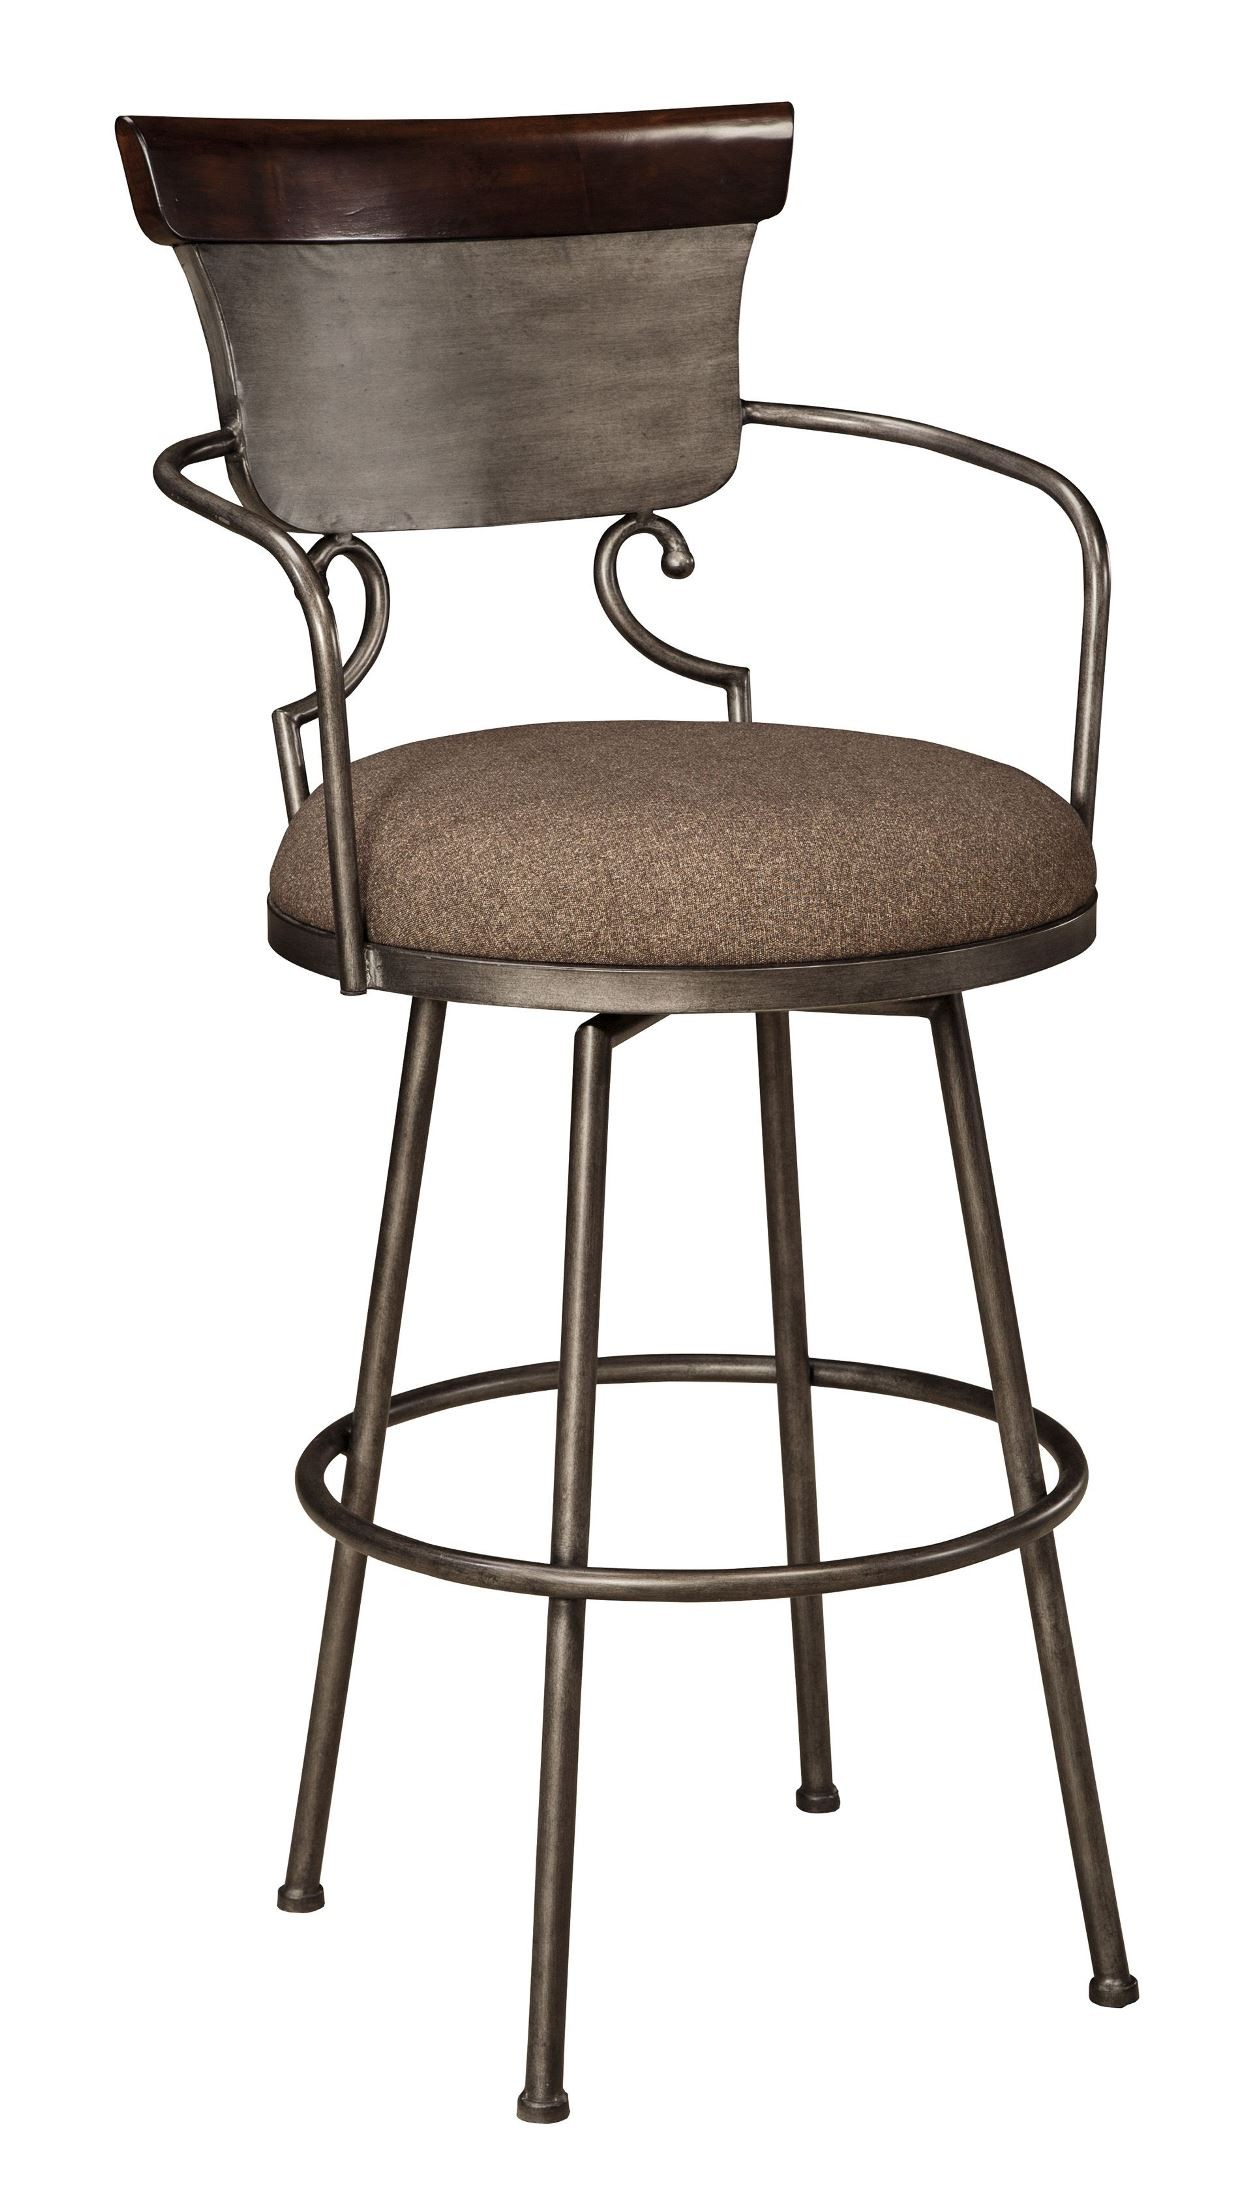 Moriann Tall Upholstered Barstool from Ashley (D608-630 ...